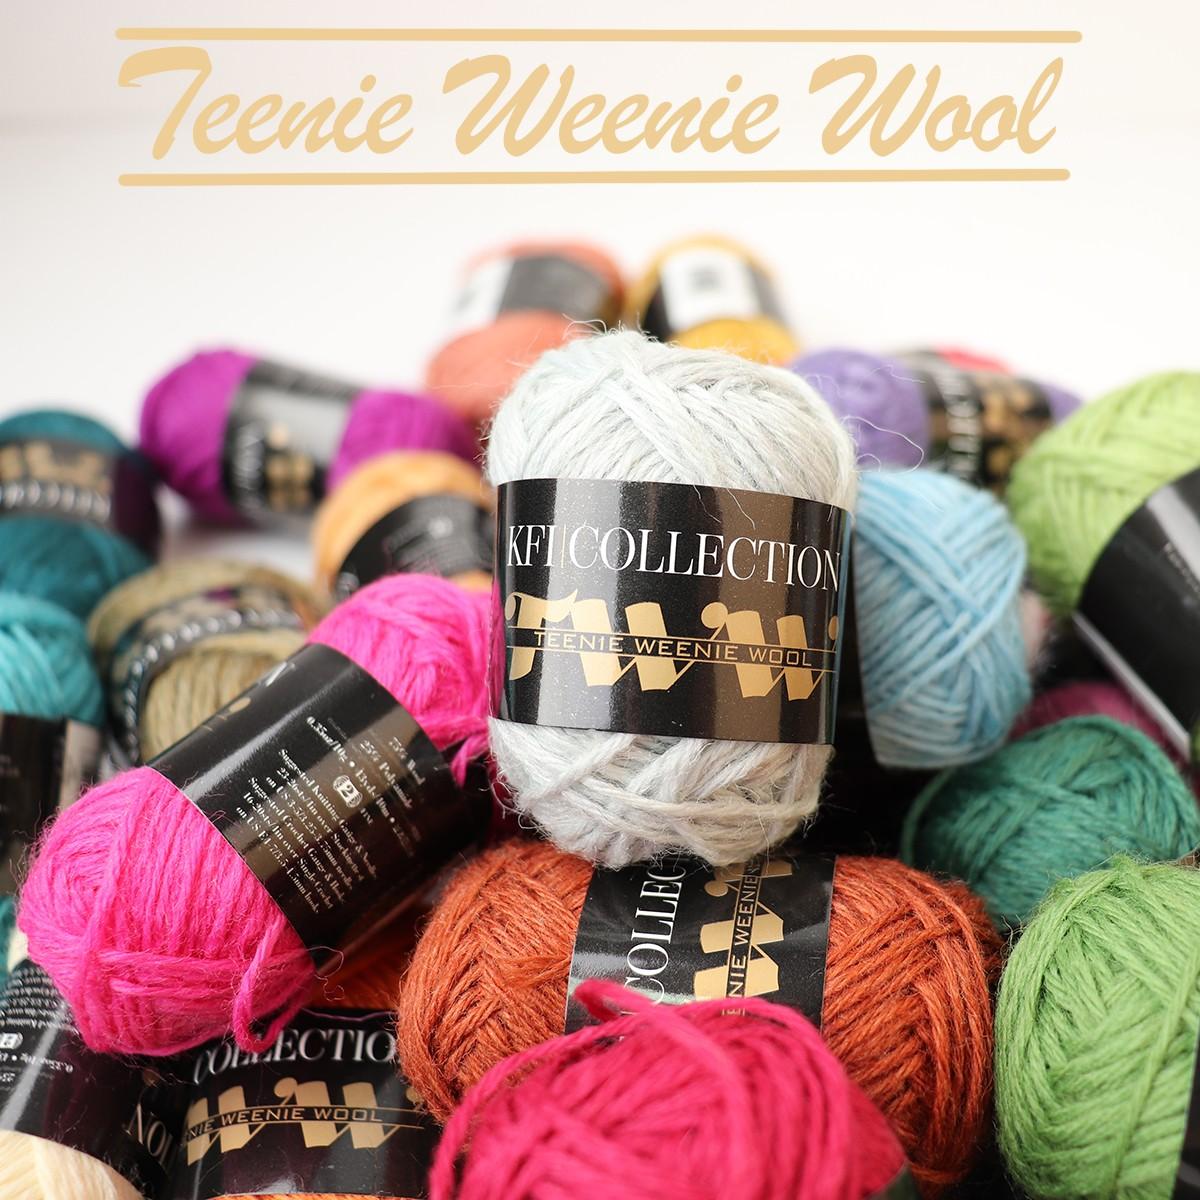 Mini Wollknäuel KFI Teenie Weenie Wool 10g